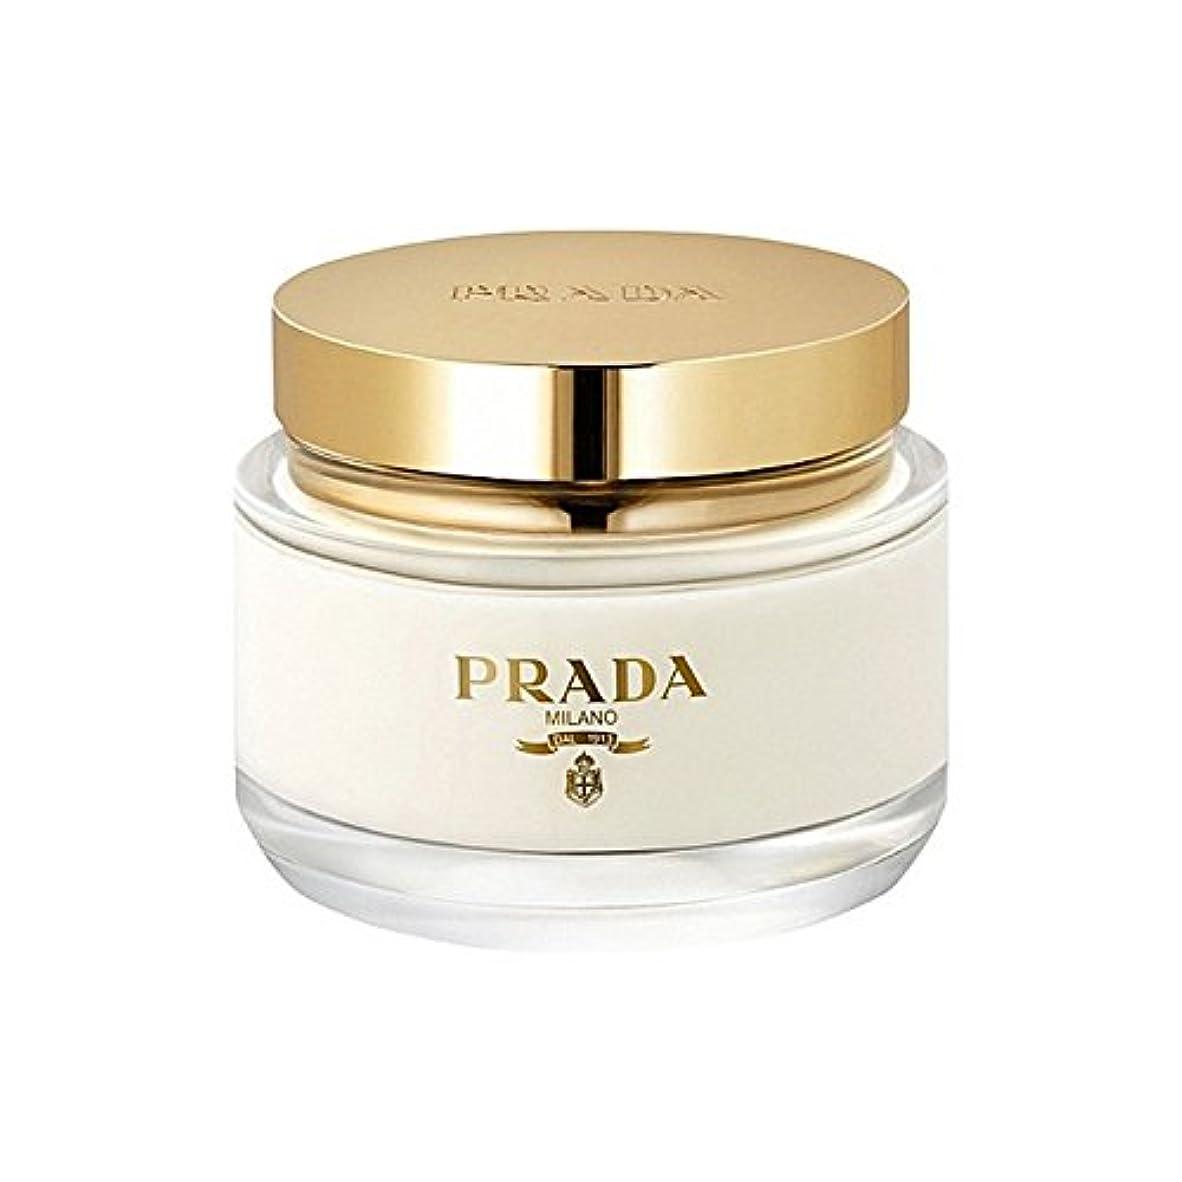 つぶやき許可天のPrada La Femme Body Cream 200ml - プラダラファムボディクリーム200ミリリットル [並行輸入品]